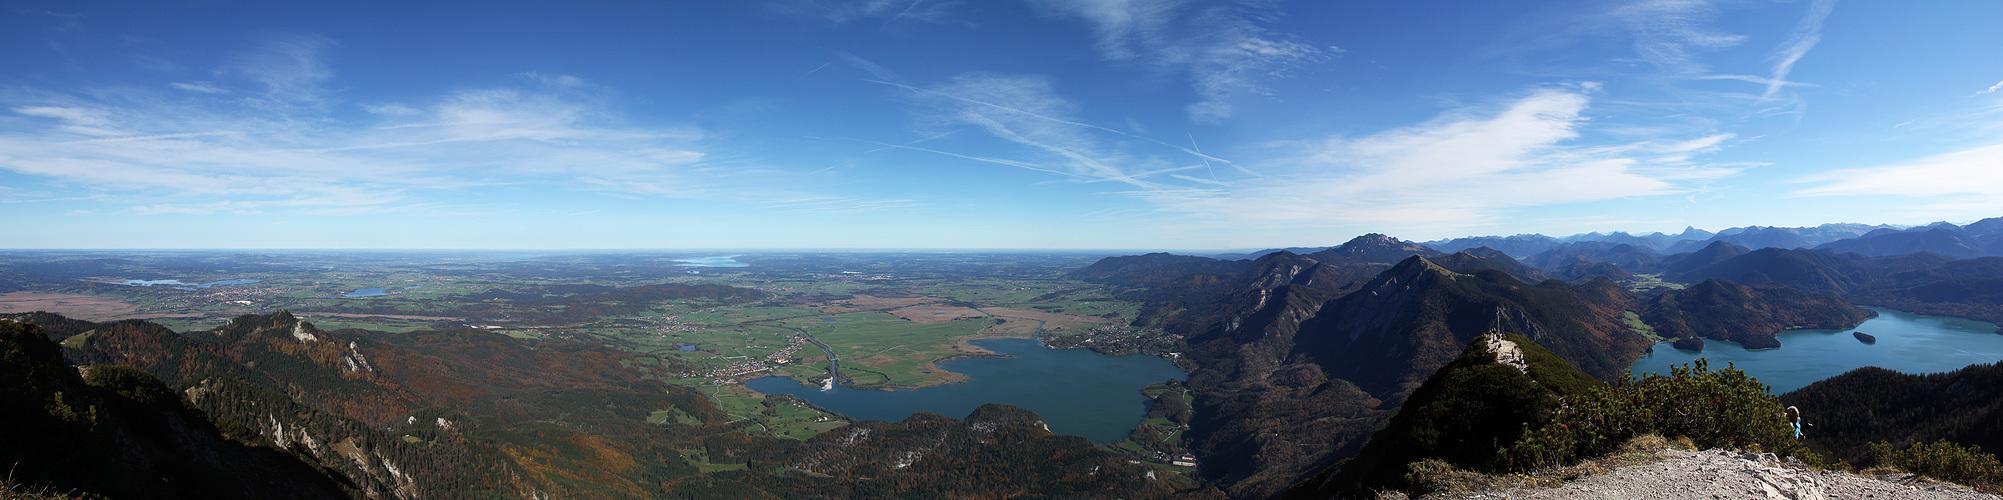 Sicht vom Herzogstand - Schiebepanorama